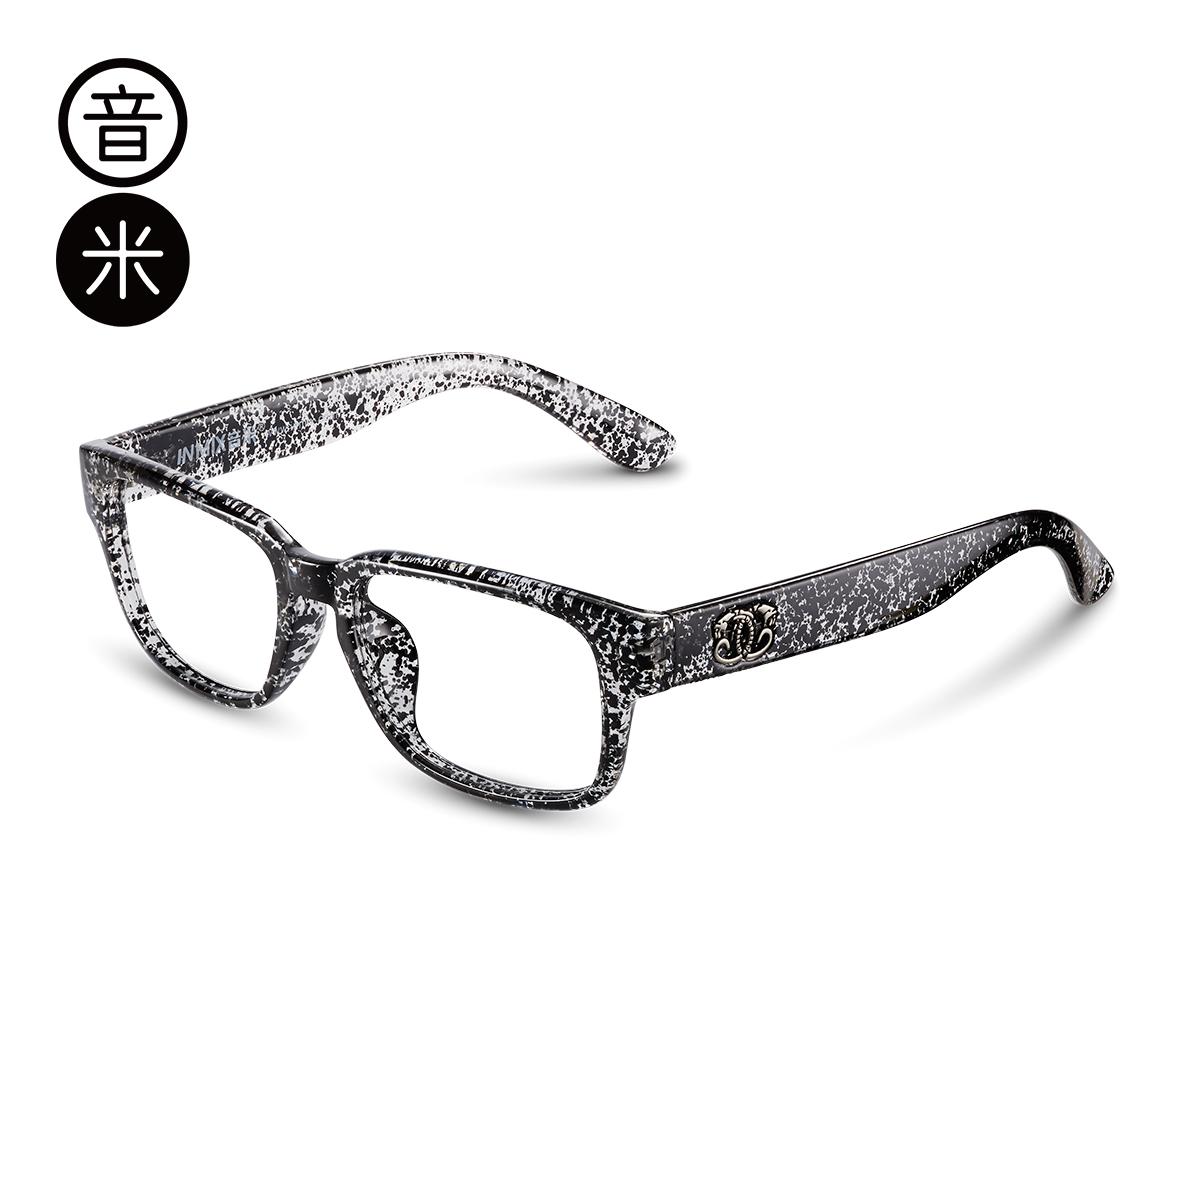 音米经典方框眼镜板材眼镜框复古平光镜男女同款防蓝光近视眼镜框